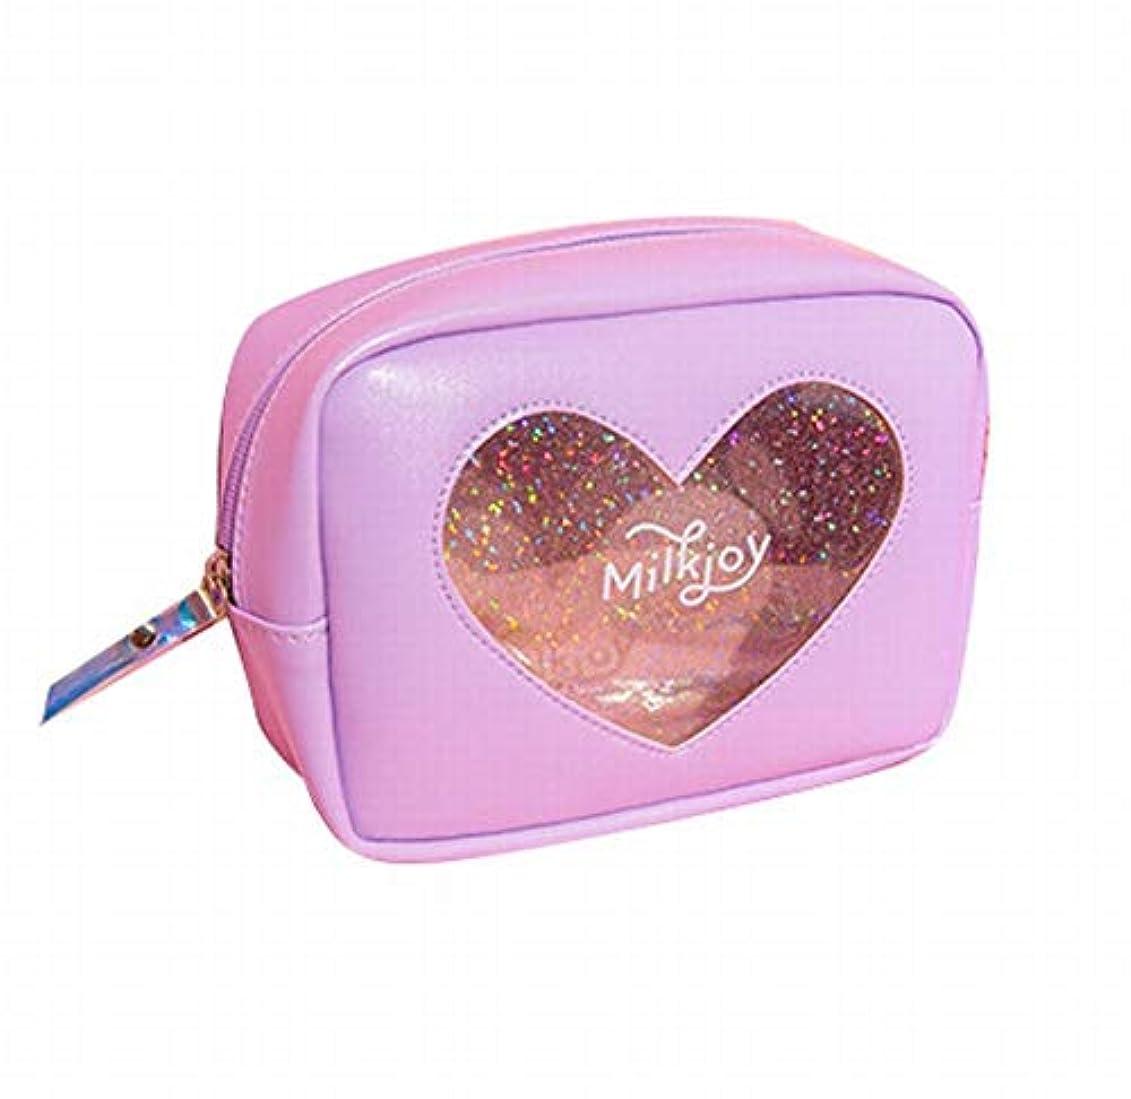 視線ロータリー前述のSasuga 大容量 コスメ ポーチ 化粧品 小物 収納 小型 バッグ Heart 透明 窓 中身が見える (パープル)